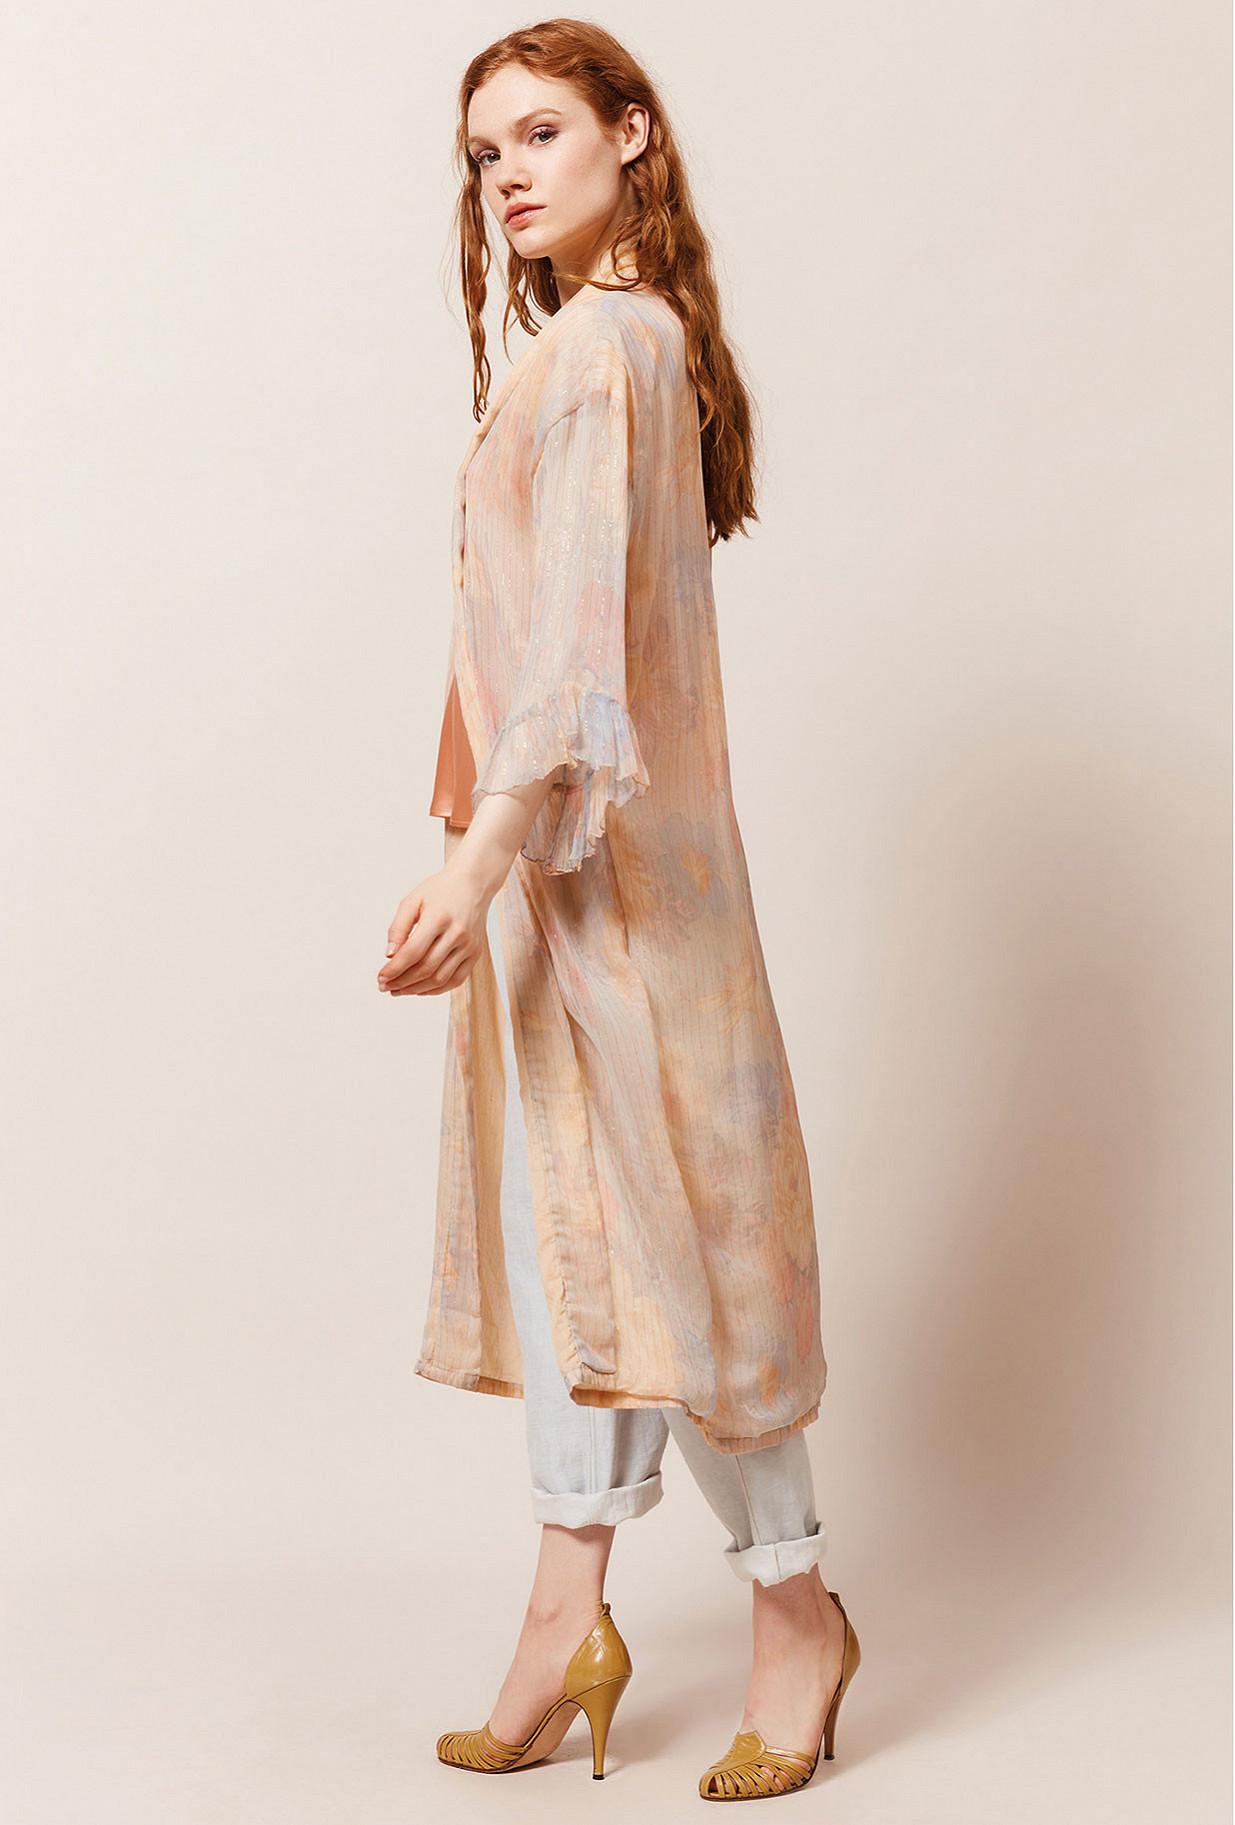 Paris boutique de mode vêtement Kimono créateur bohème  Parisettes